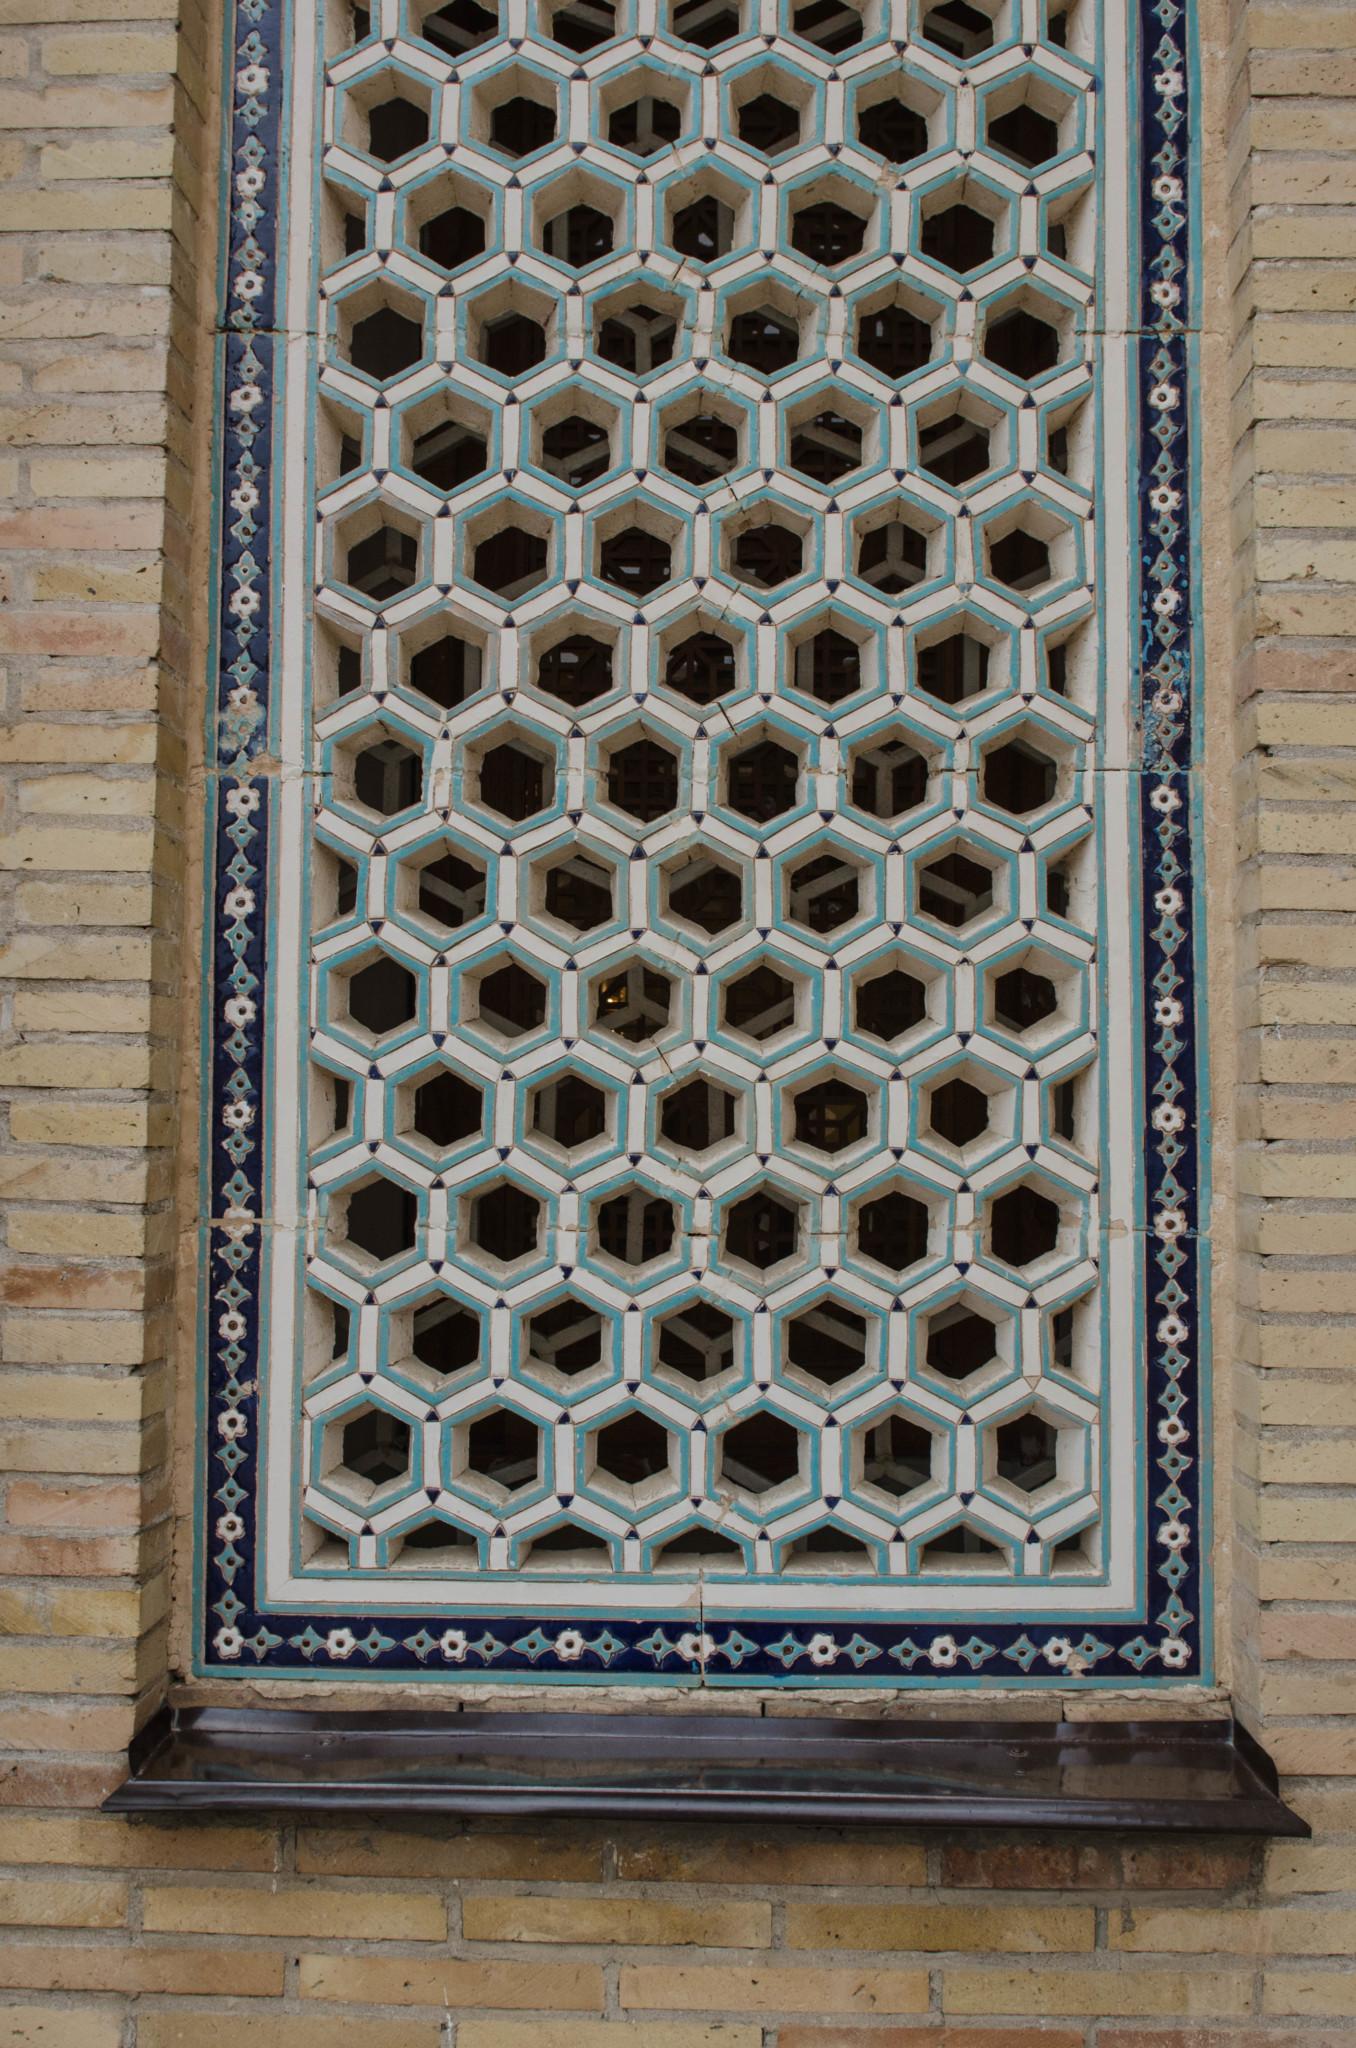 Orientalische Elemente in der Architektur von Usbekistan